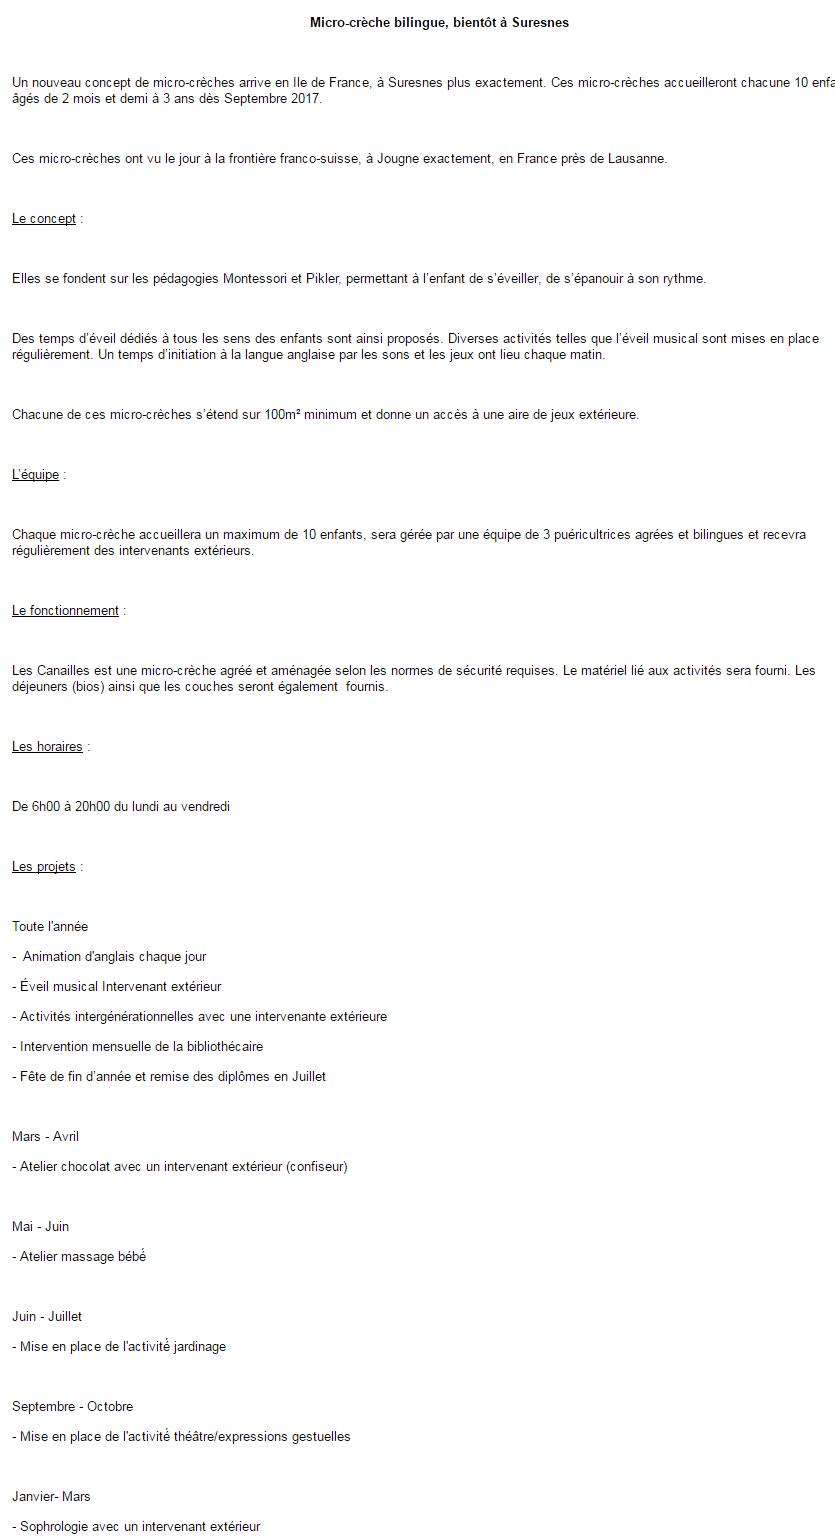 Exemple Du Questionnaire De L Etude Micro Creche Bilingue